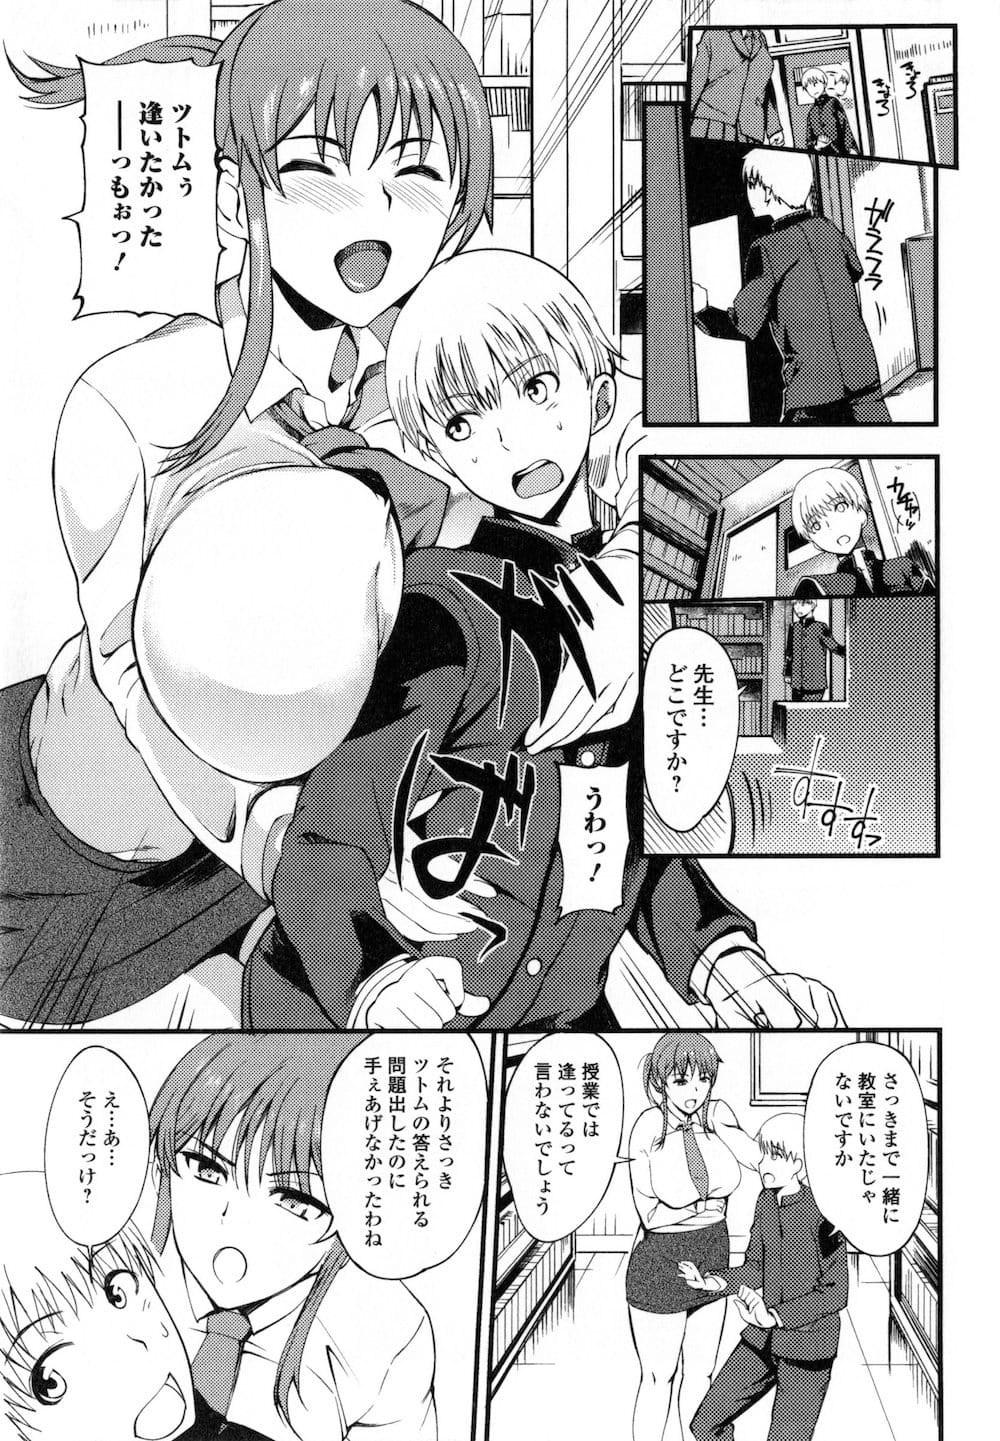 【エロ漫画・同人誌】授業中は厳しいことで評判の女教師、でも授業が終わると付き合っている男子生徒を呼び出して準備室でセックスしちゃう♪ 008